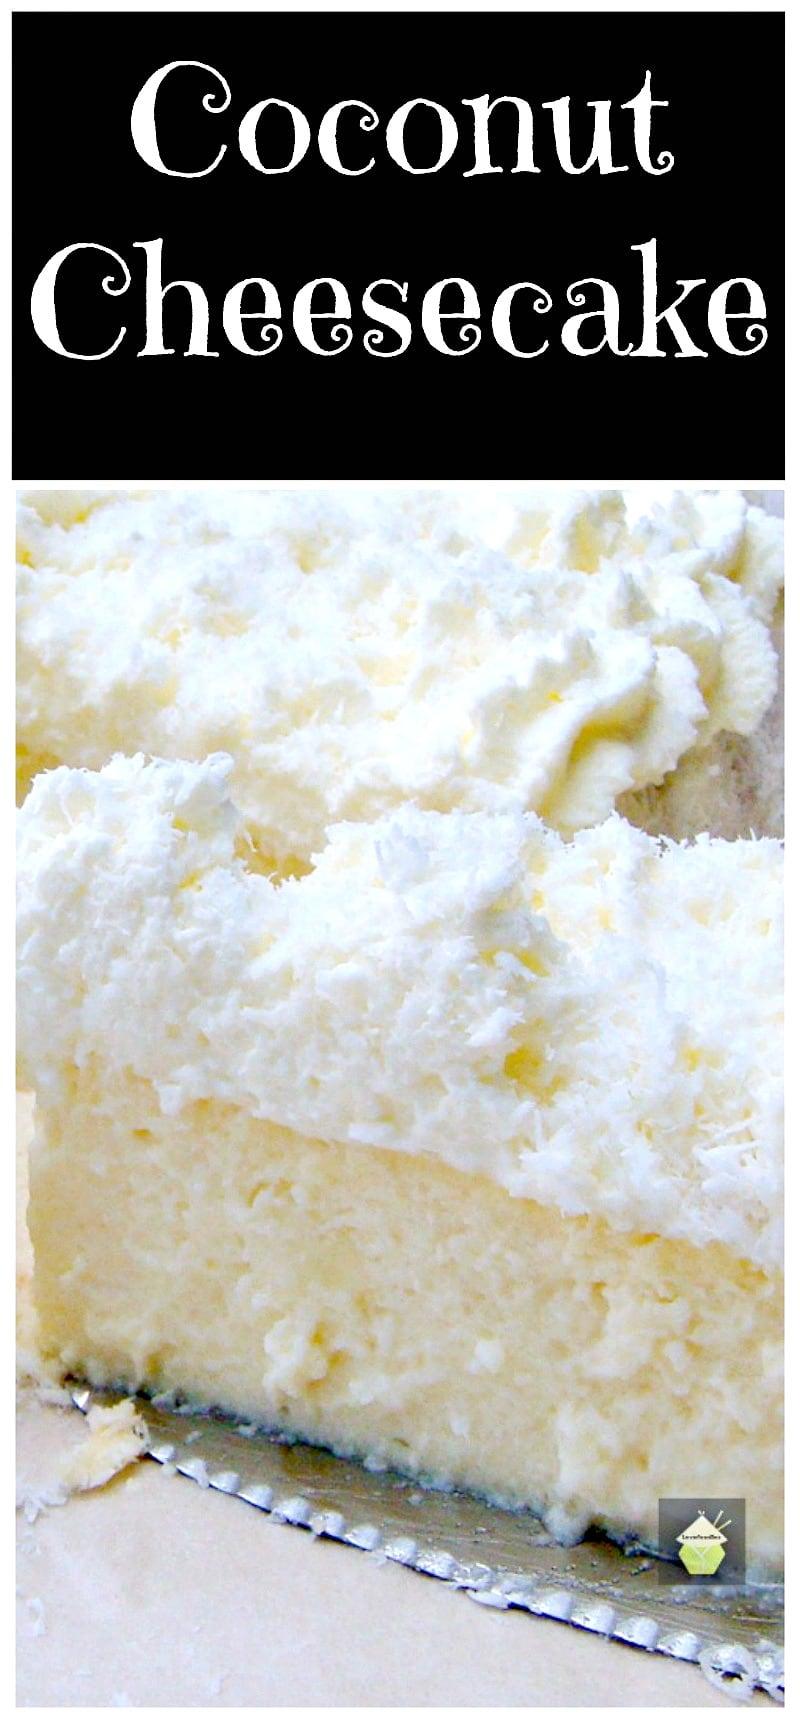 Coconut Ricotta Cheesecake PTL